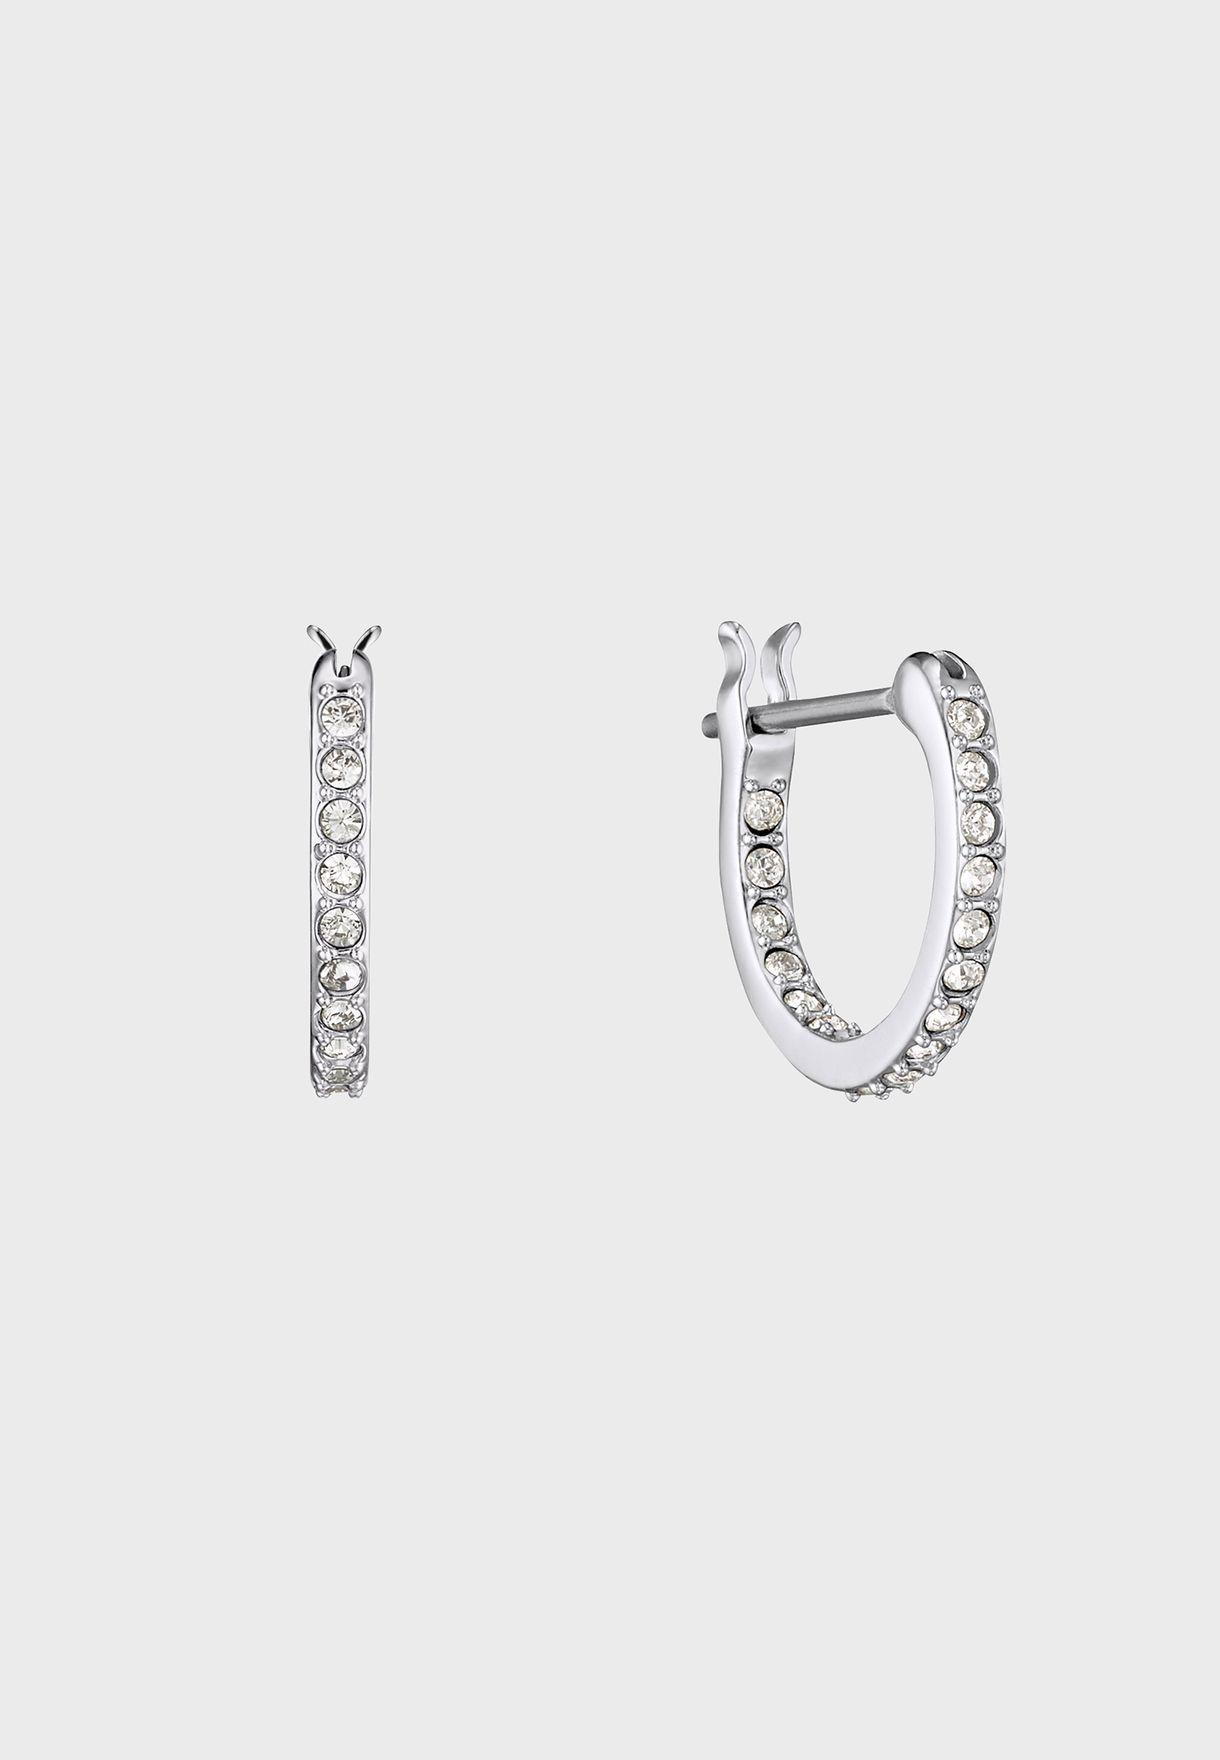 Iconic Swan Drop Earrings